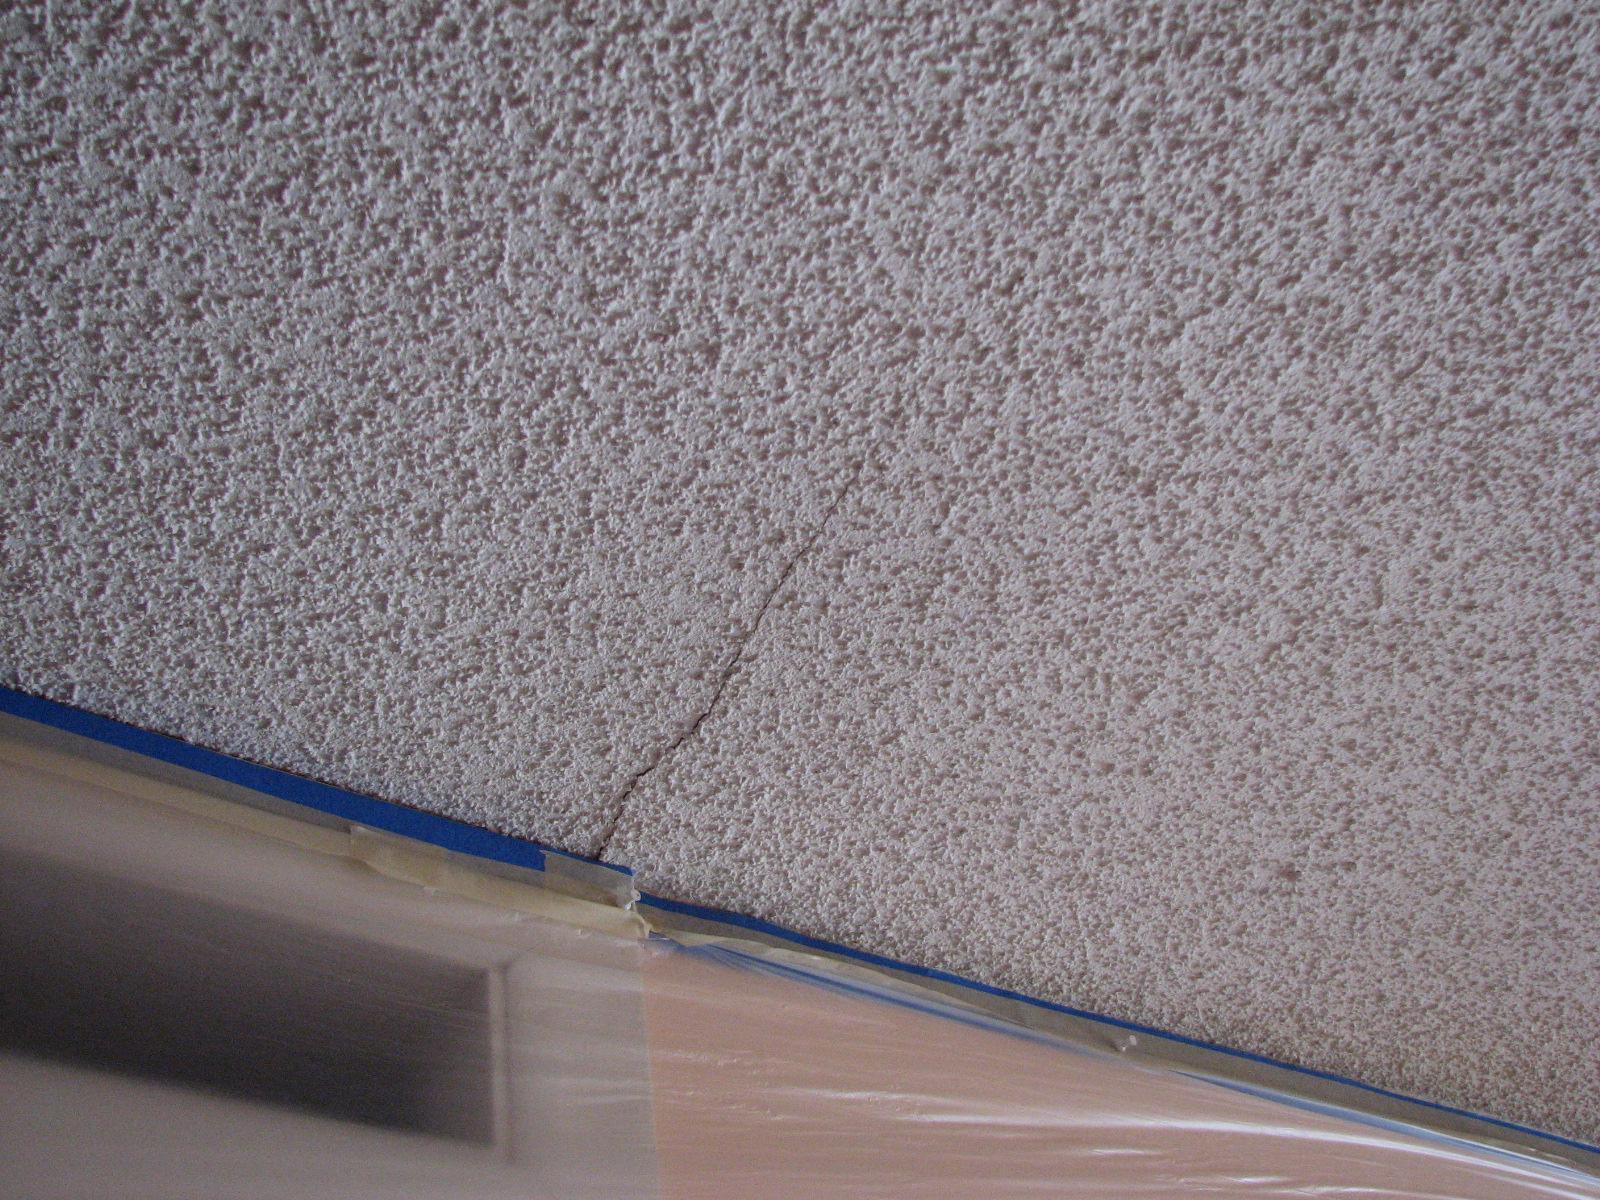 Ceiling Repair Melbourne Fl Drywall repair Water Damage